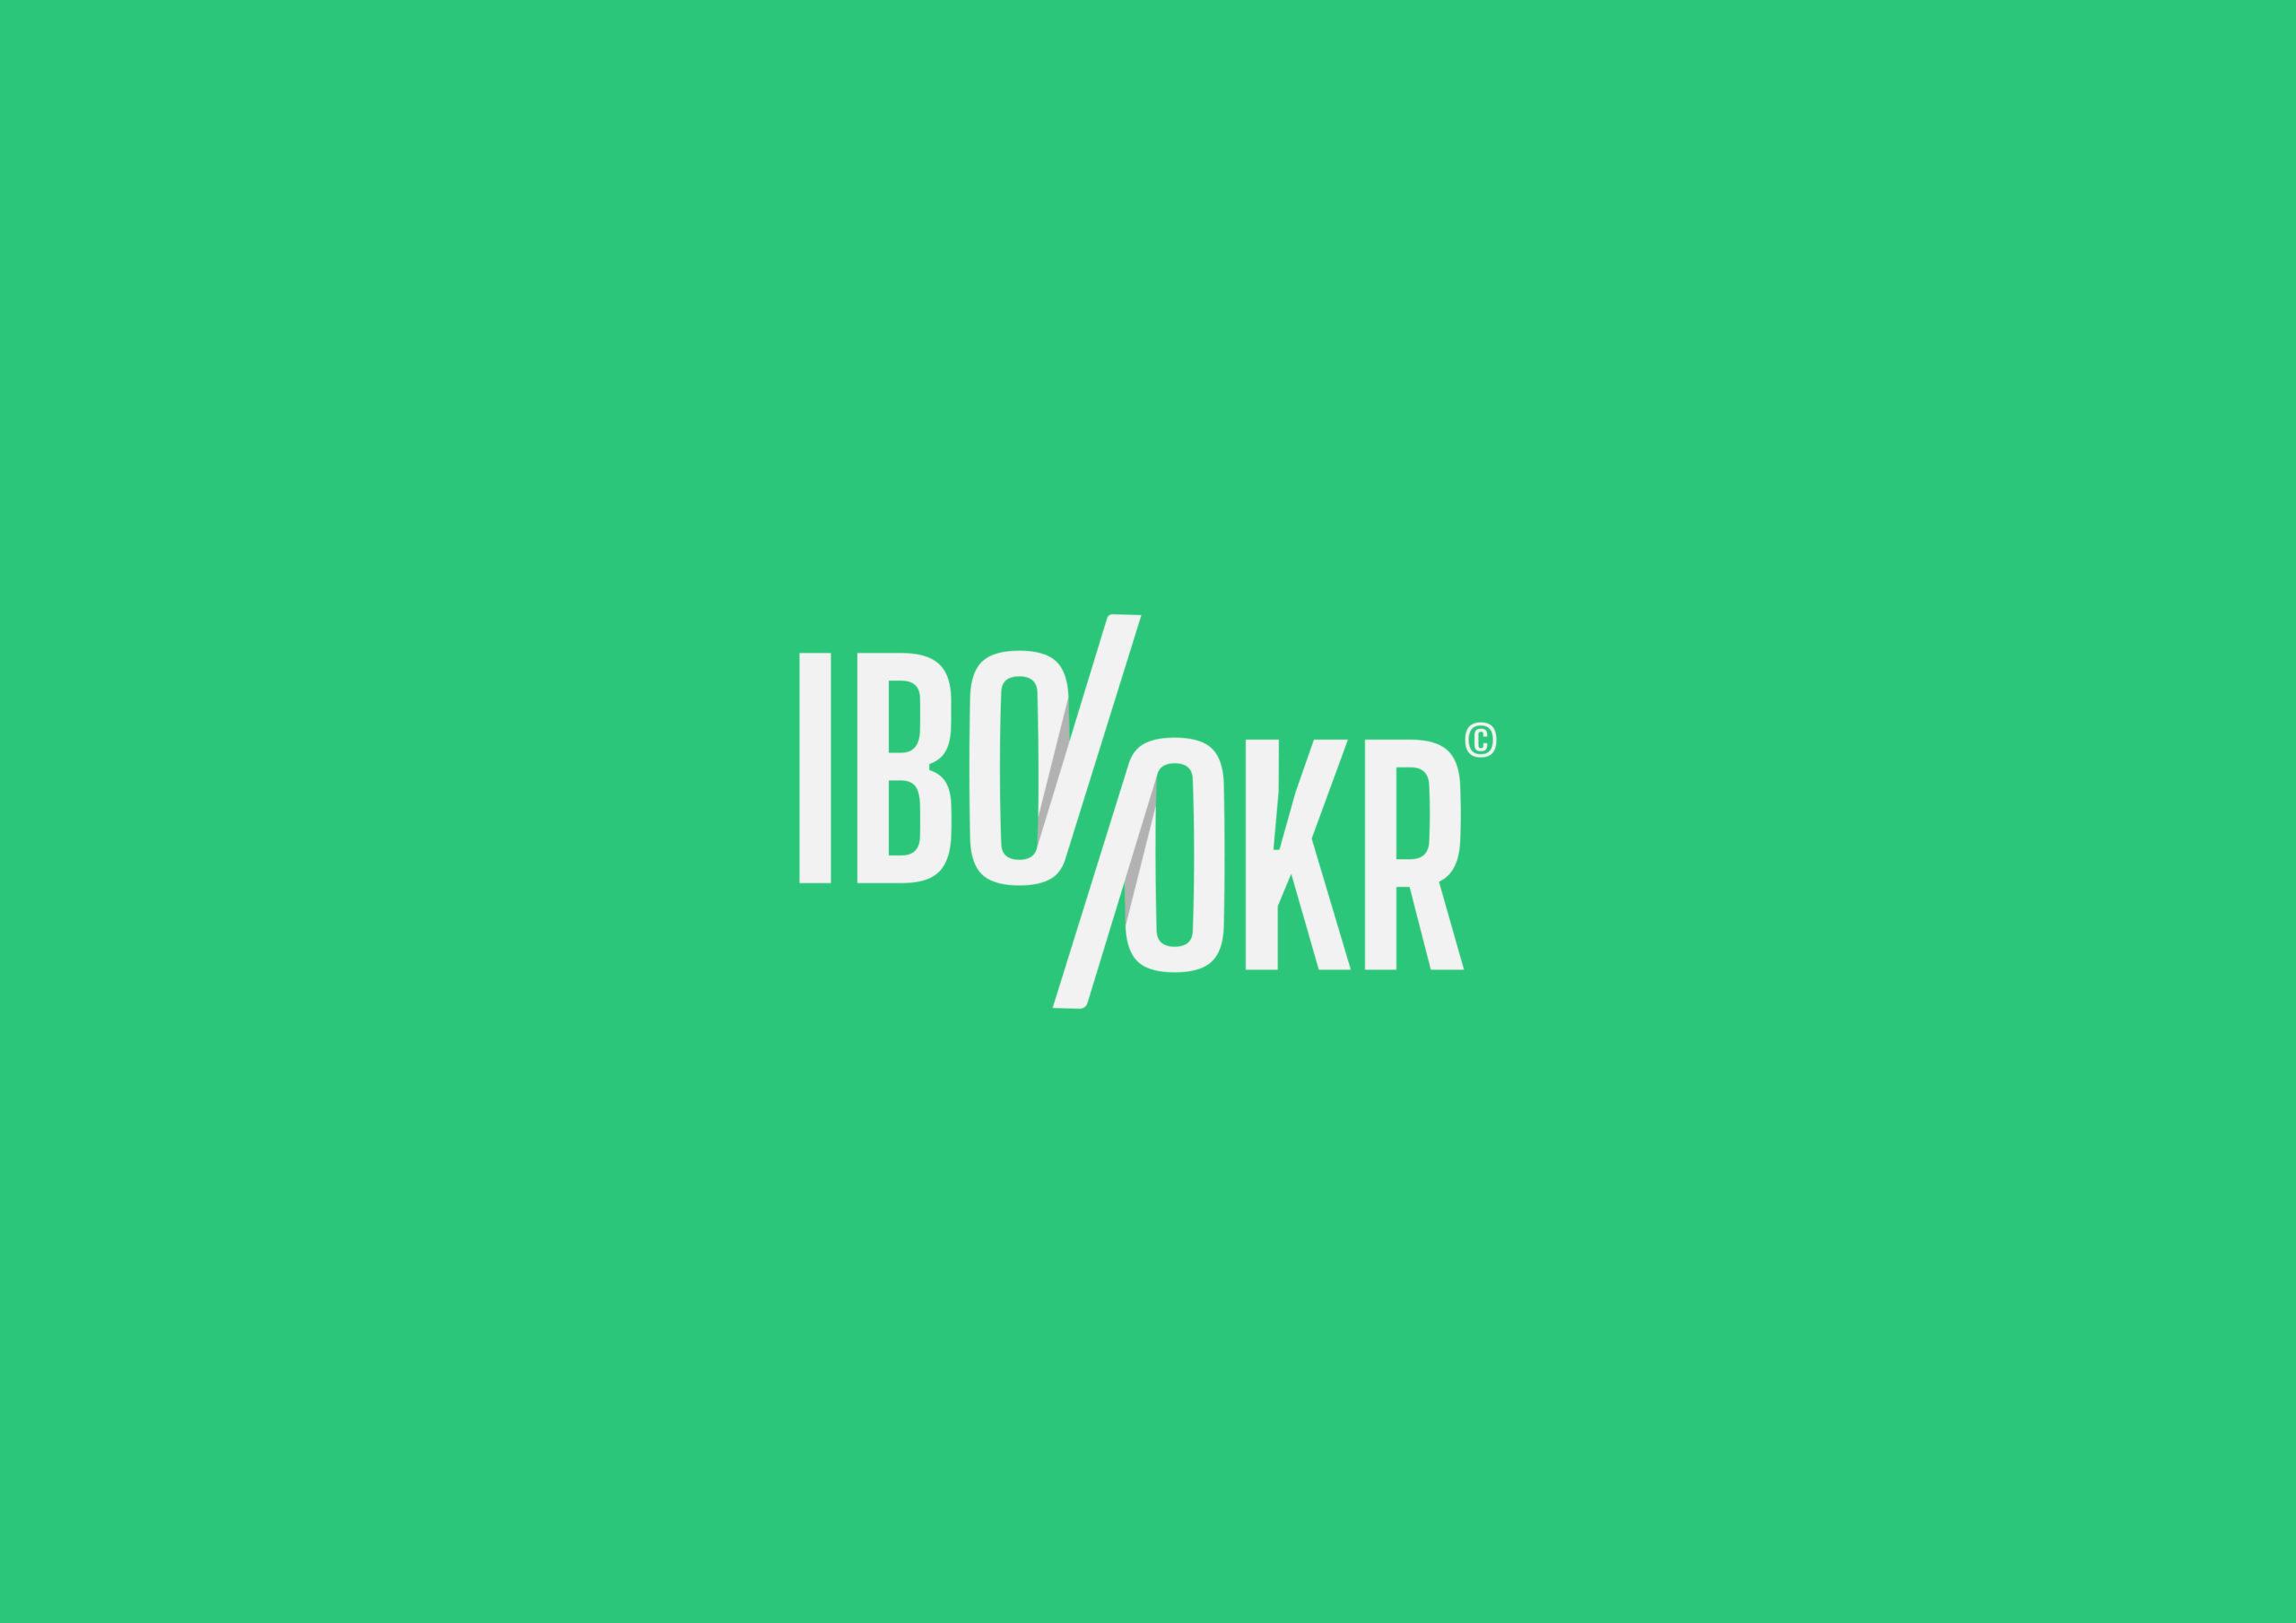 iBookr_logó